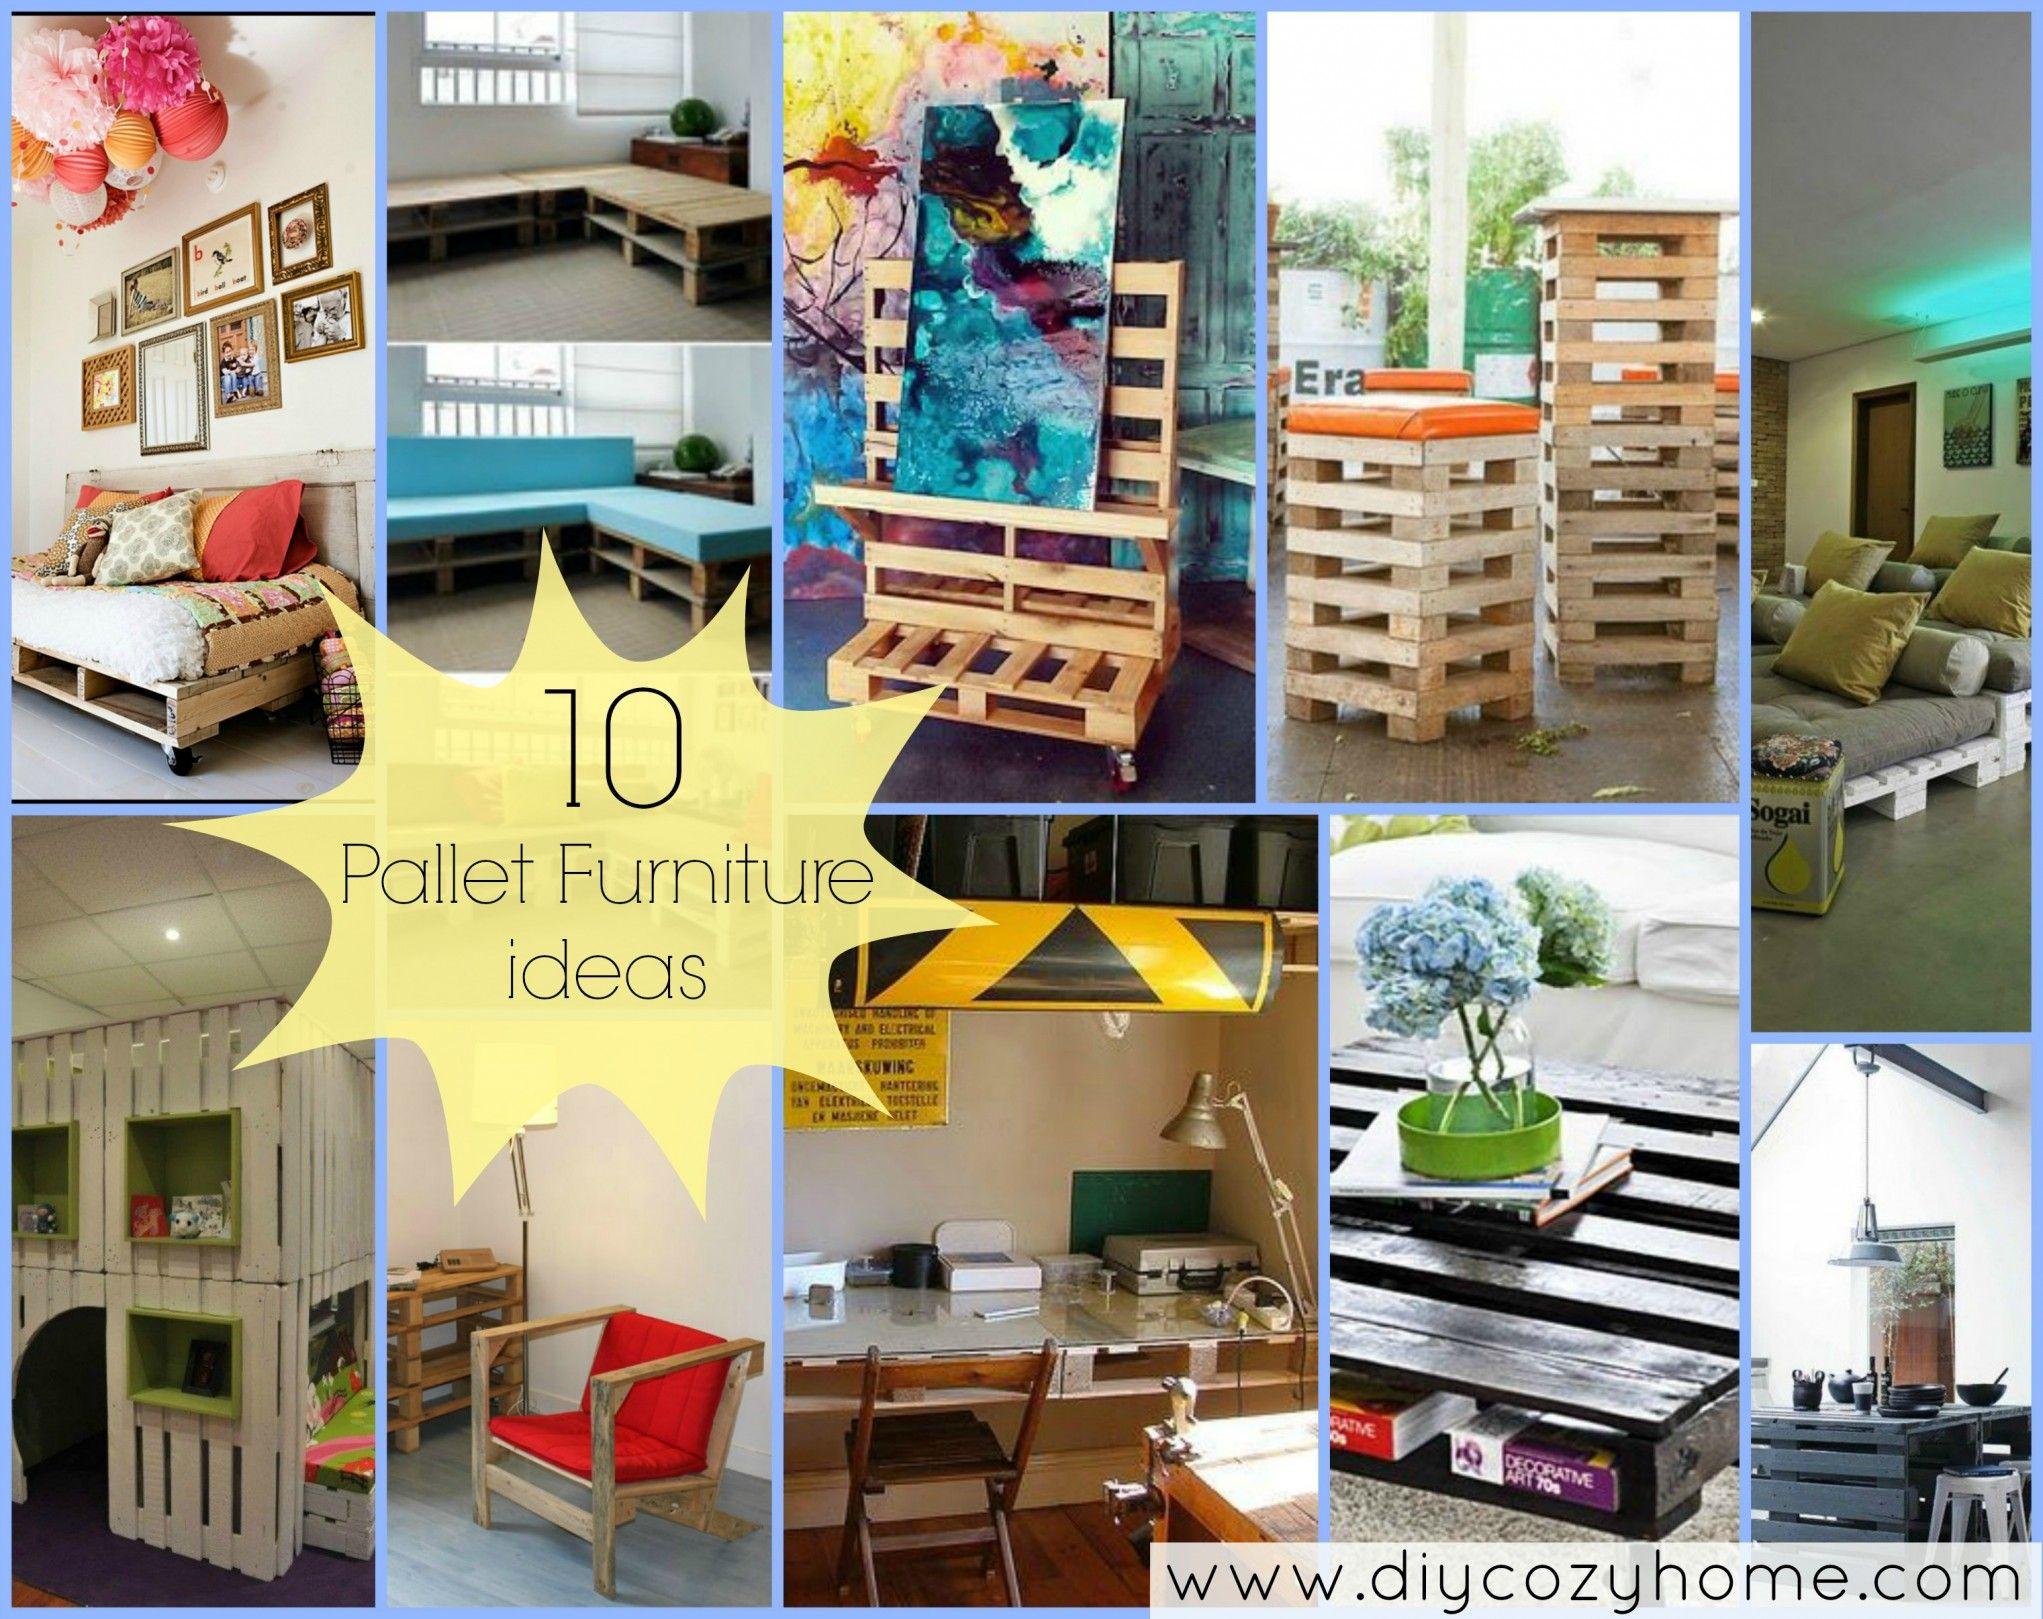 10 Pallet Furniture Ideas